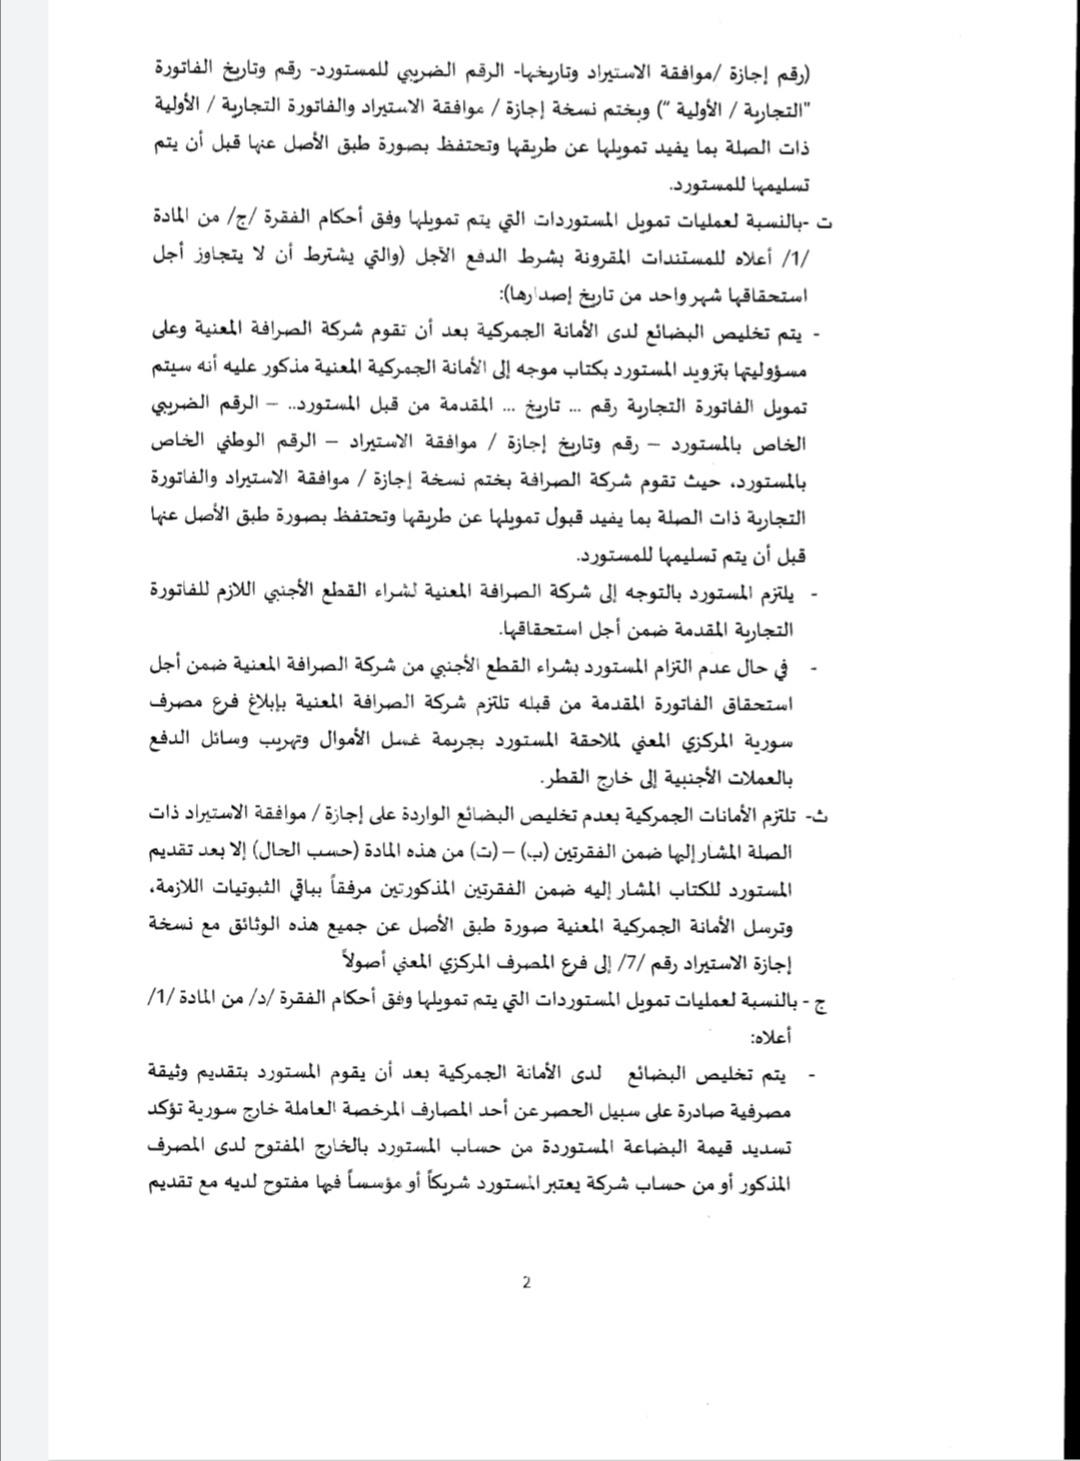 قرار مصرف سوريا المركزي (إعمار سورية)